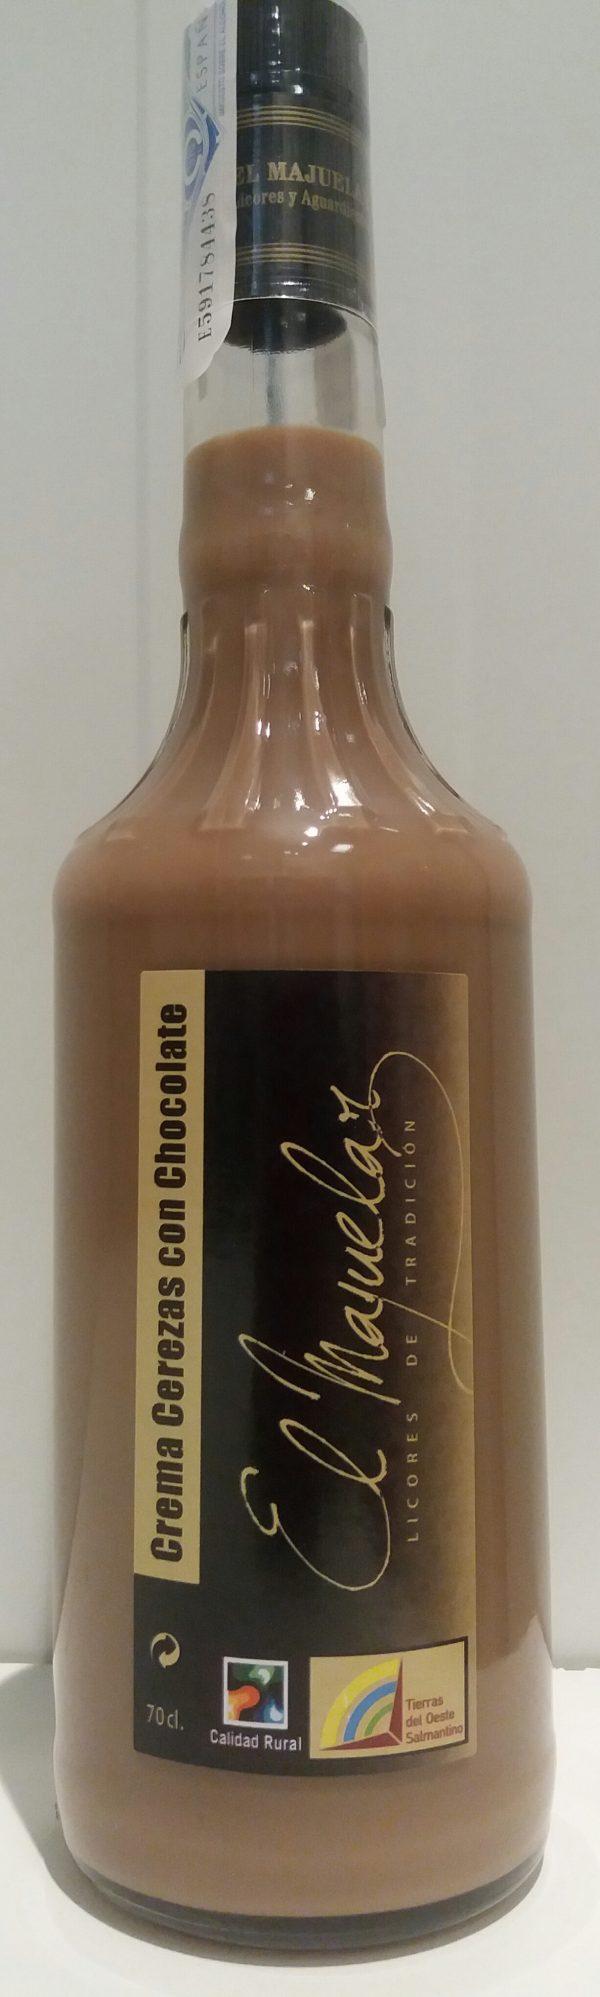 Crema de Cerezas con Chocolate